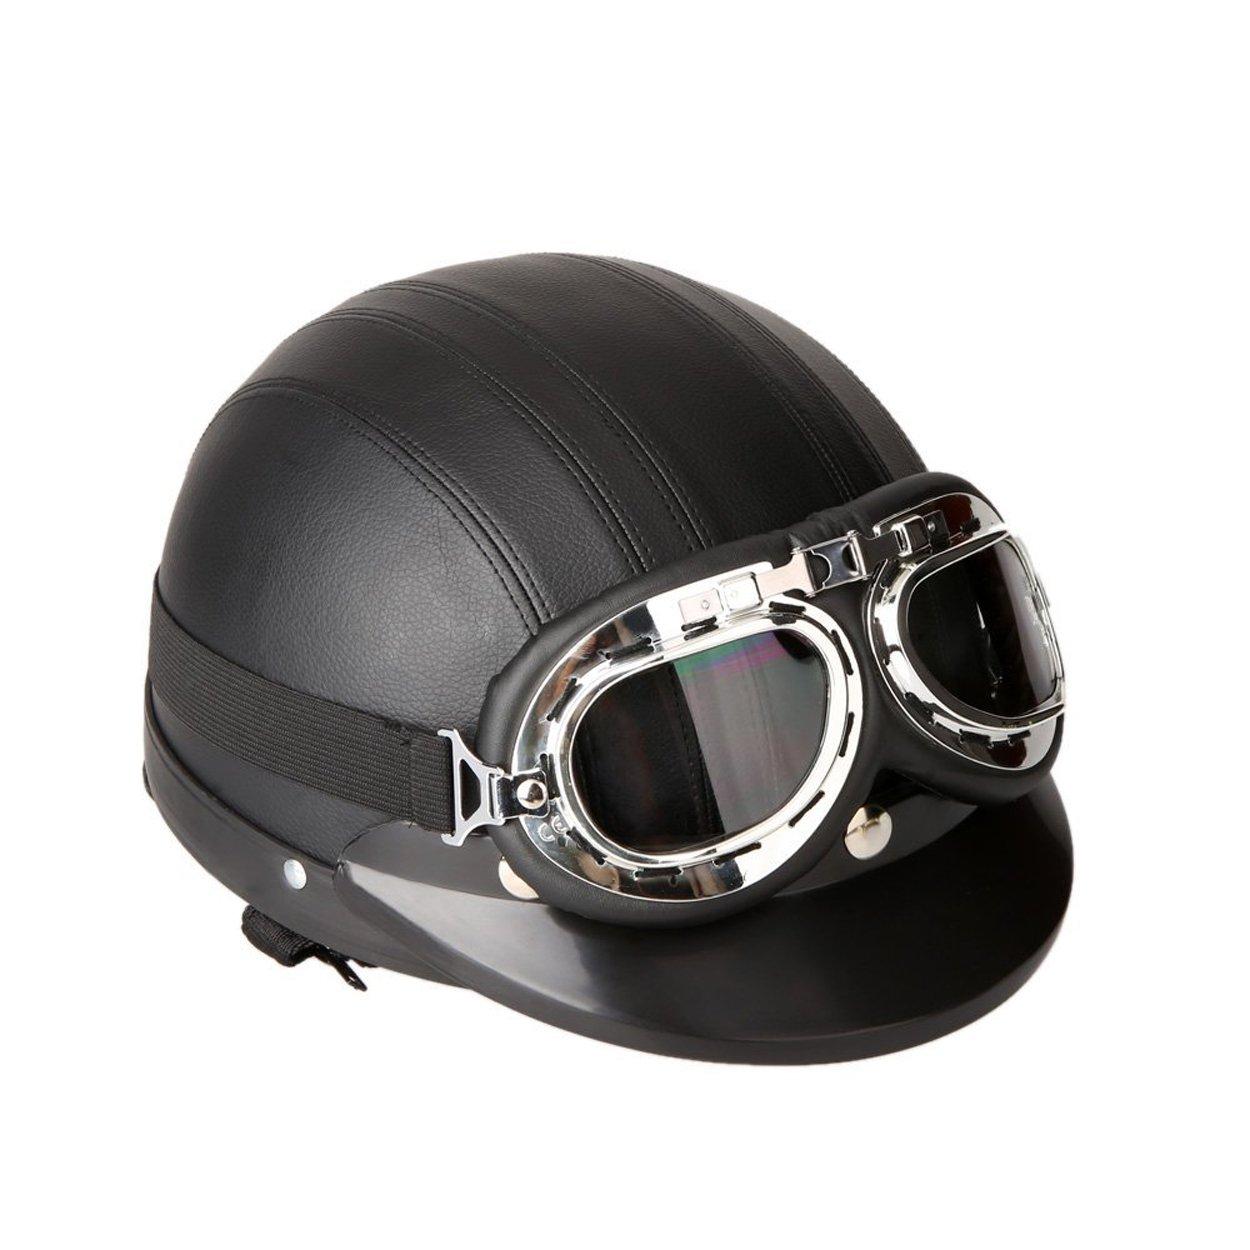 Amazon.es: FREESOO Casco Abierto Protección para Motocicleta Scooter Bicicleta 54-60cm Ajustable con Visera UV Gafas Bufanda